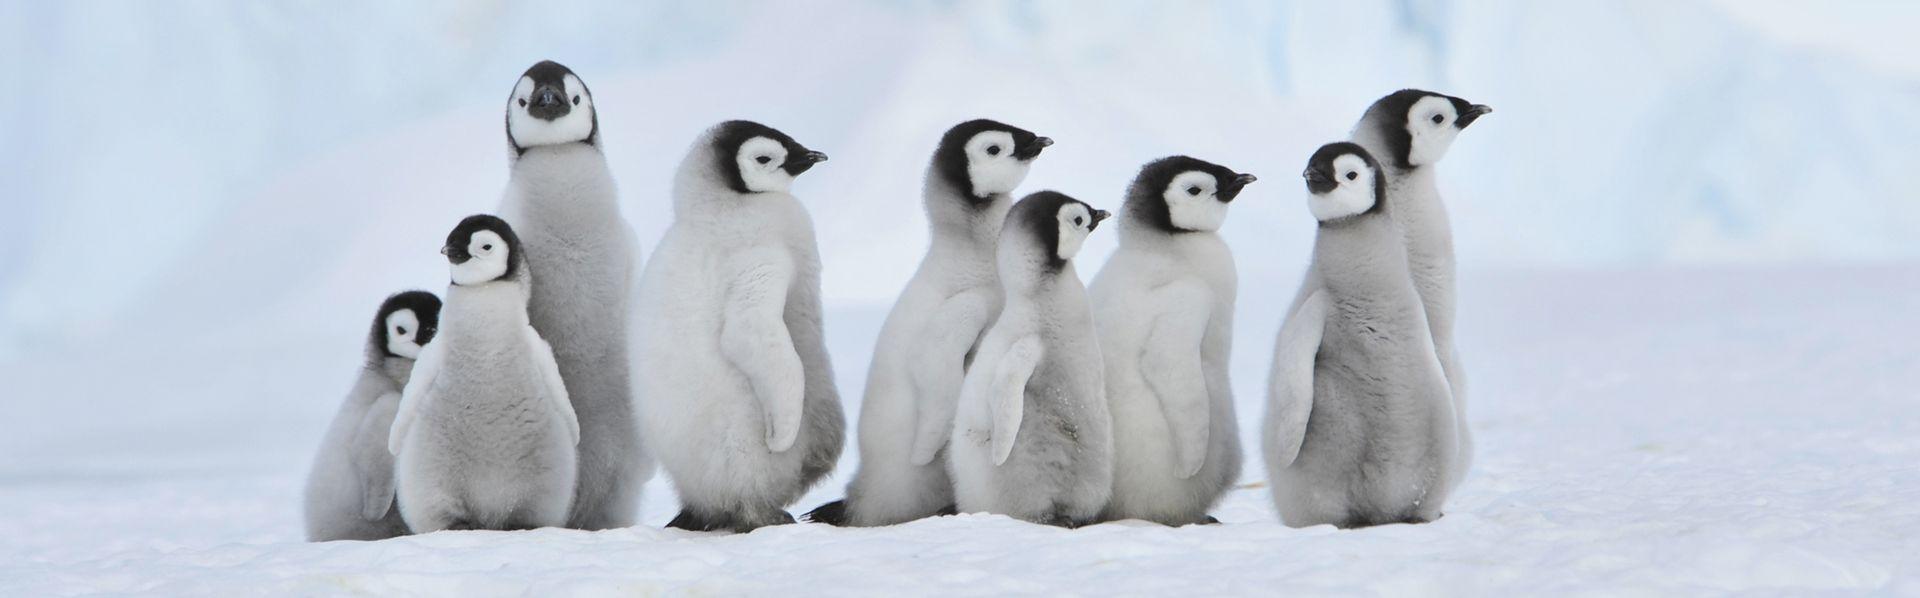 Le dossier sur l'Antarctique de RTS Découverte [Silver - Fotolia]